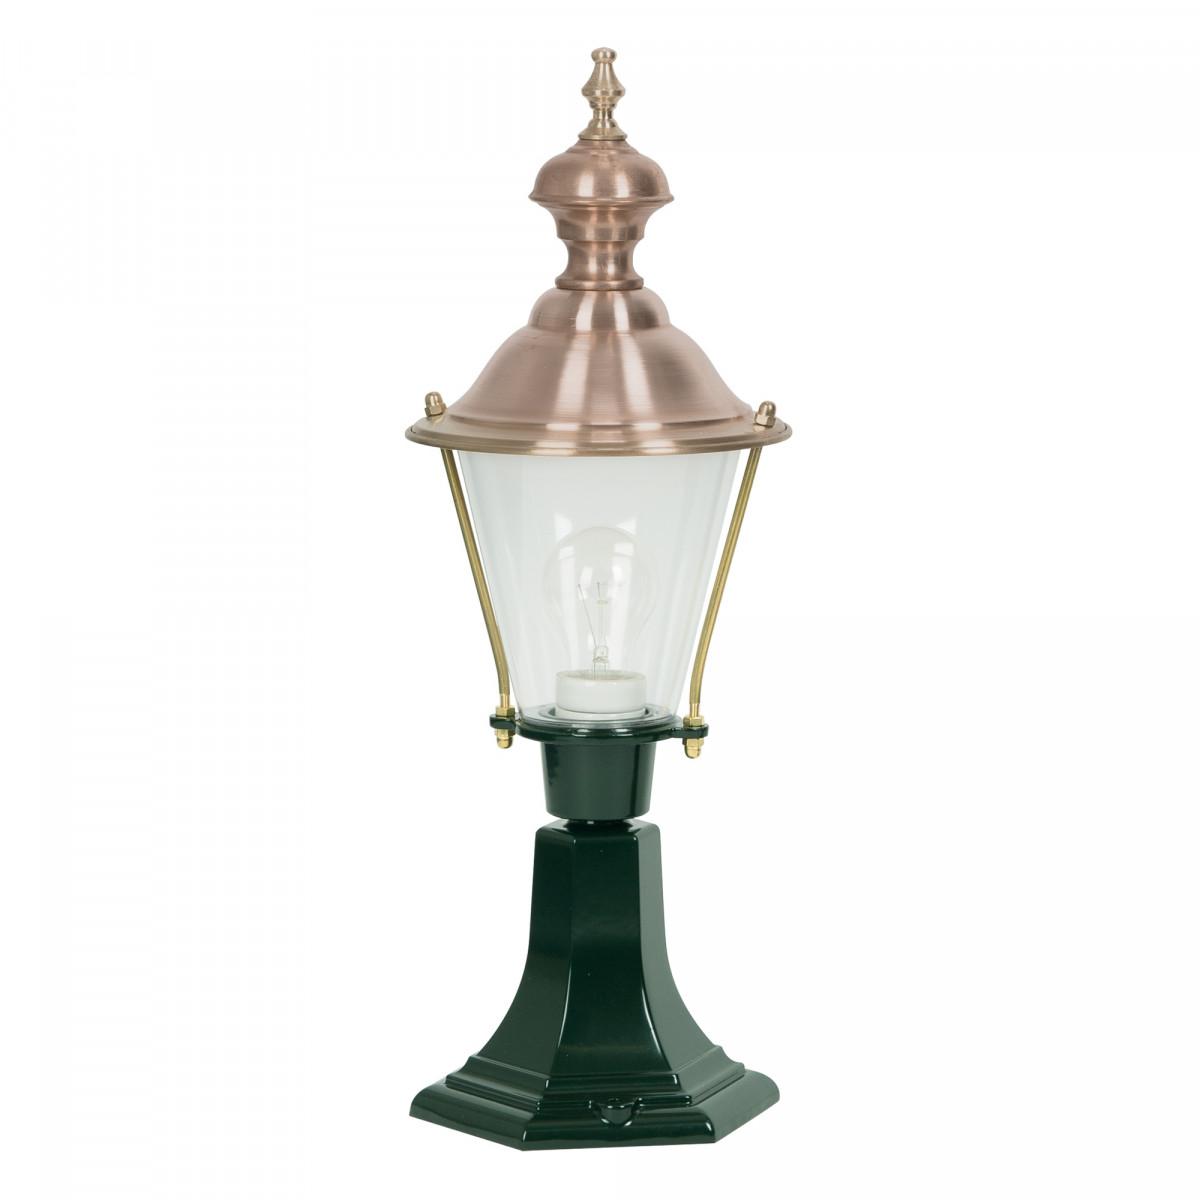 Kunststof glas M29 (5807) - KS Verlichting - Lampkappen & glazen